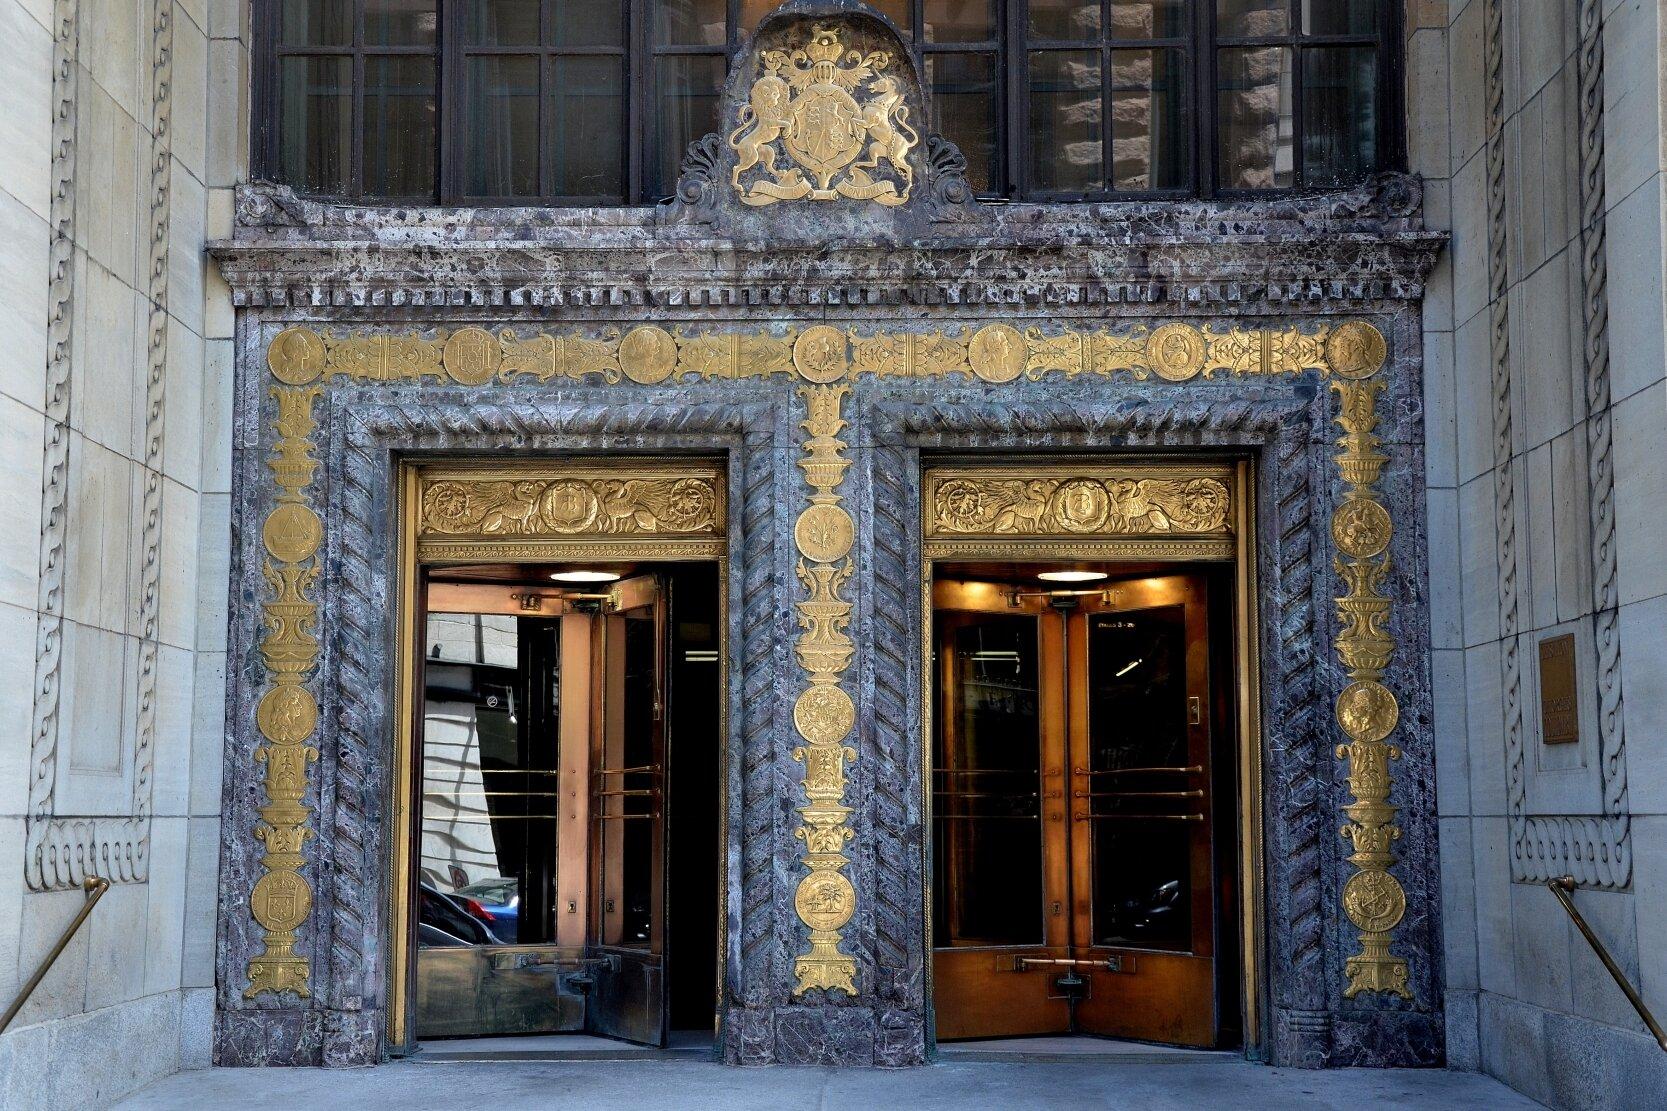 Royal Bank of Canada, Montreal